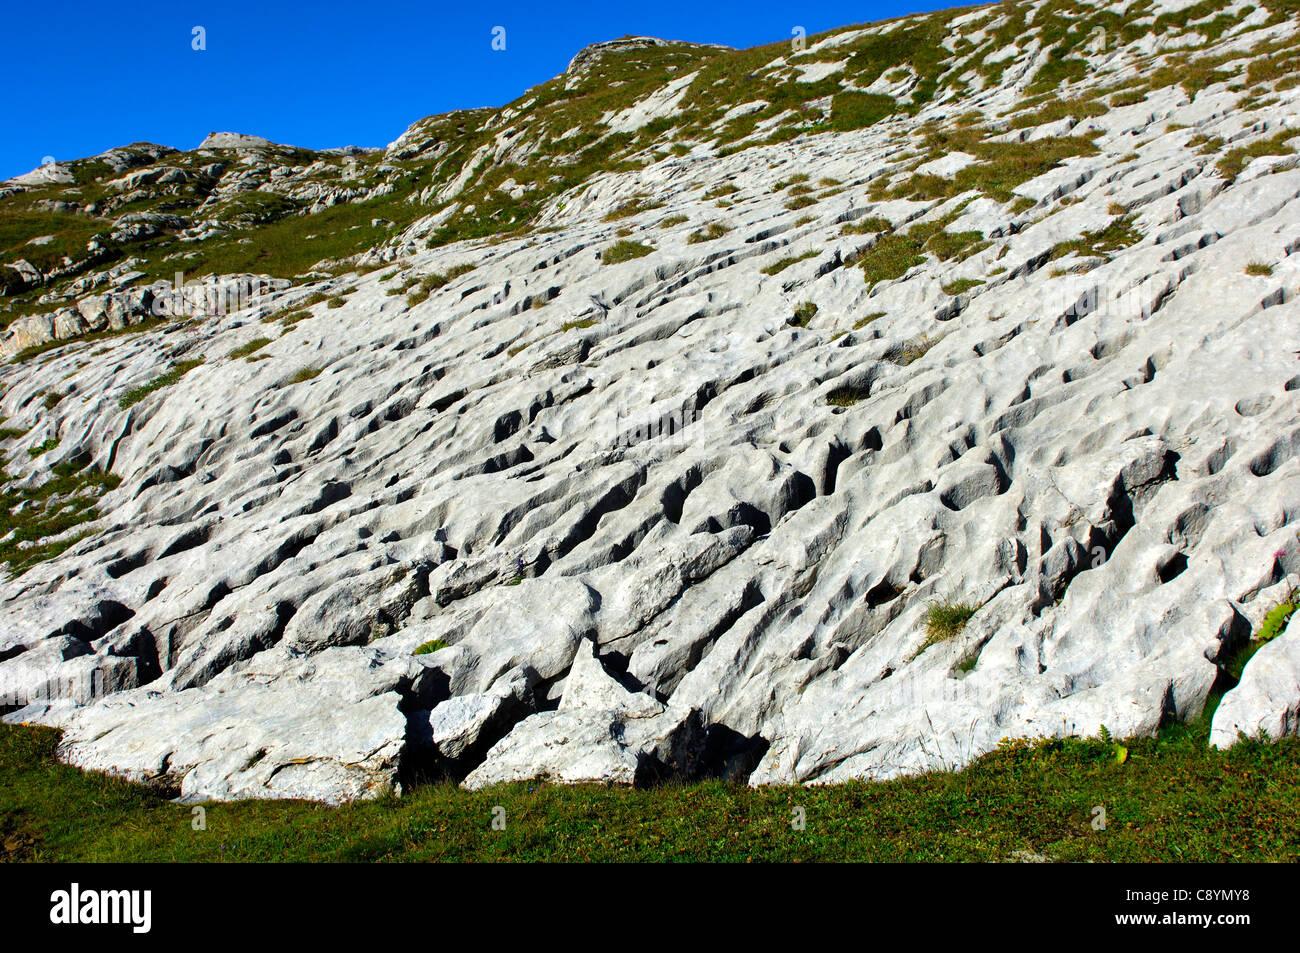 Runoff lapies, karst landscape Lapis de Tsanfleuron, pass Santesch-Pass, Valais, Switzerland - Stock Image